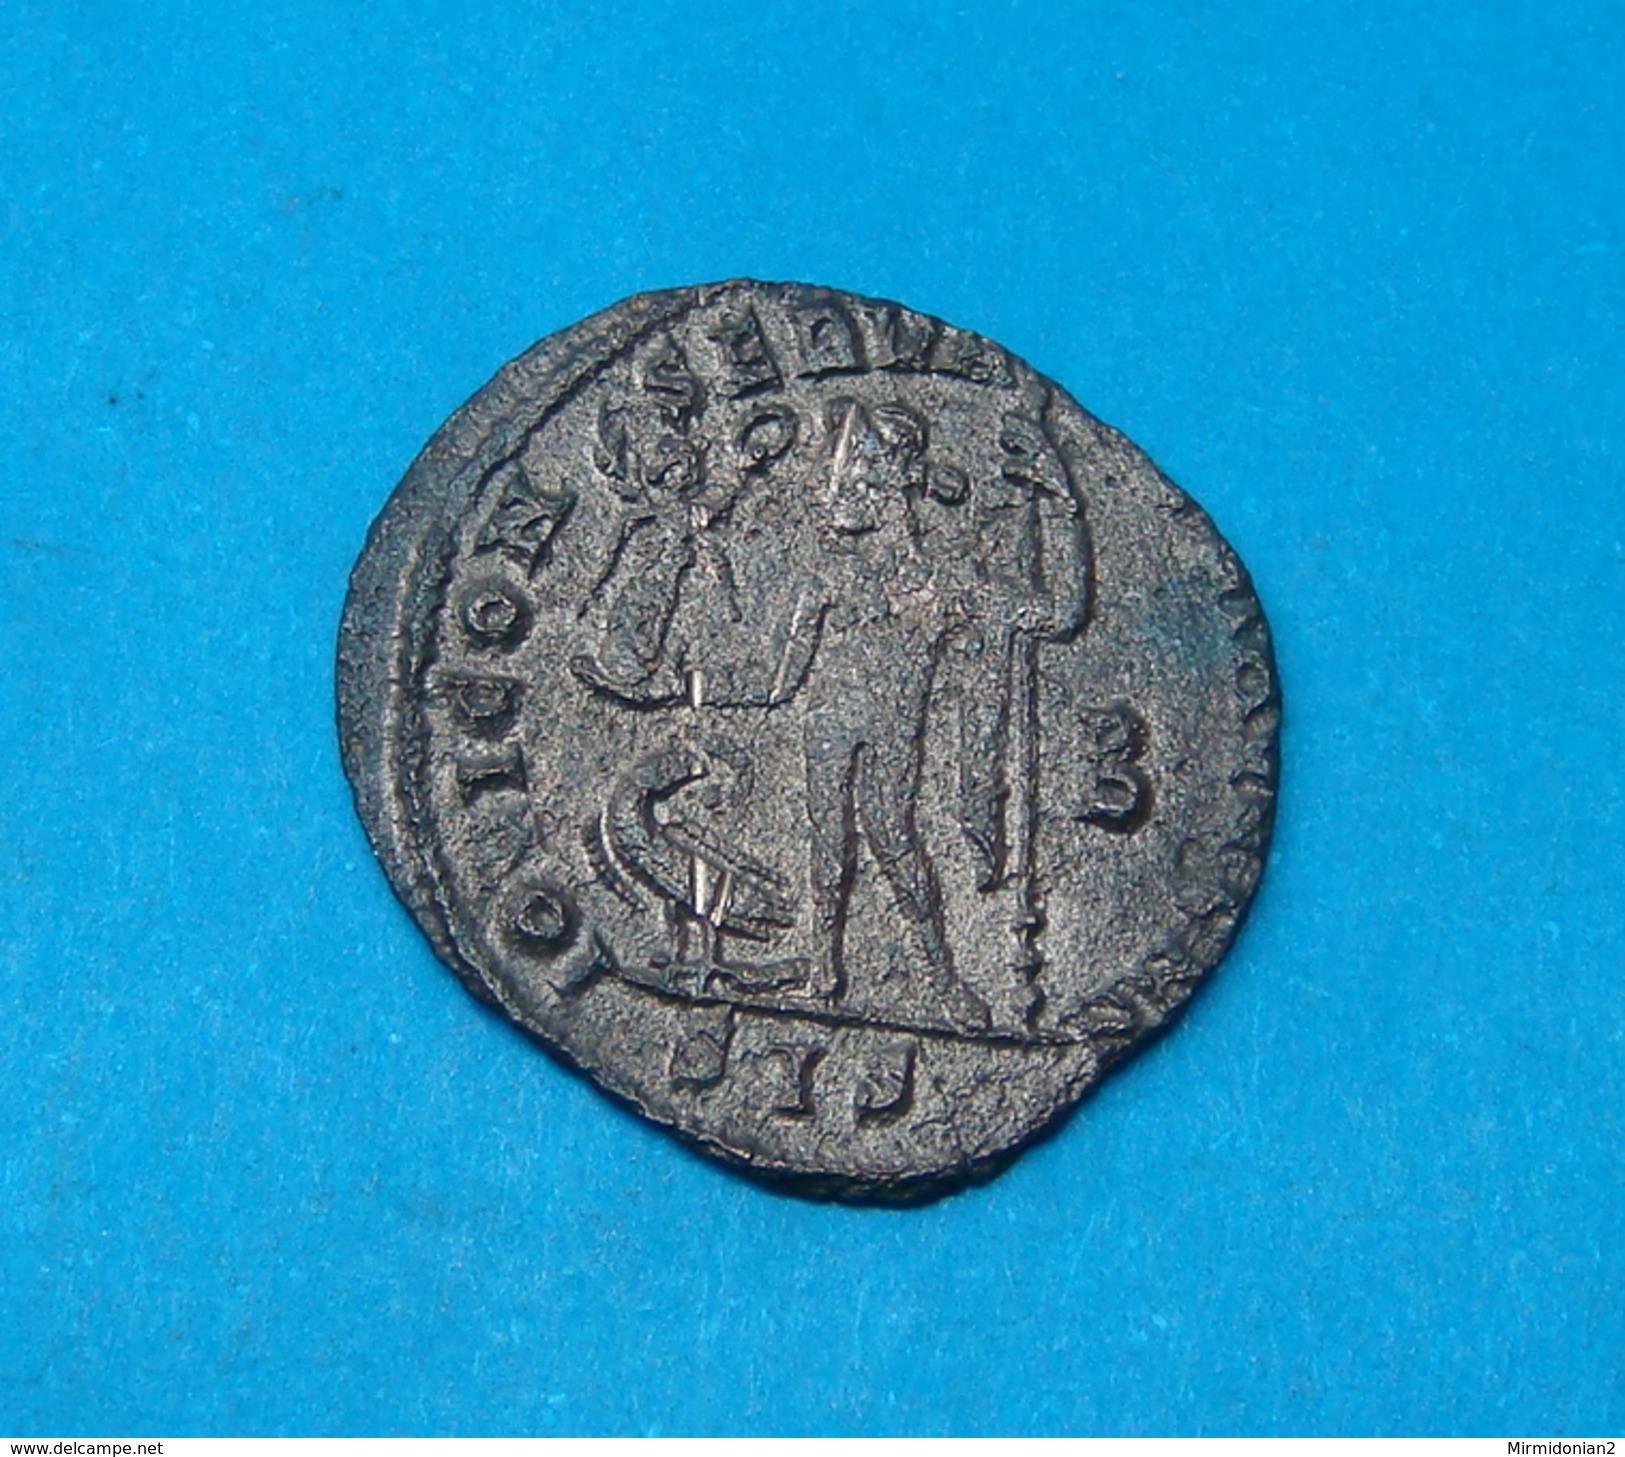 LICINIUS I,  BRONZE FOLLES, - 7. Der Christlischen Kaiser (307 / 363)